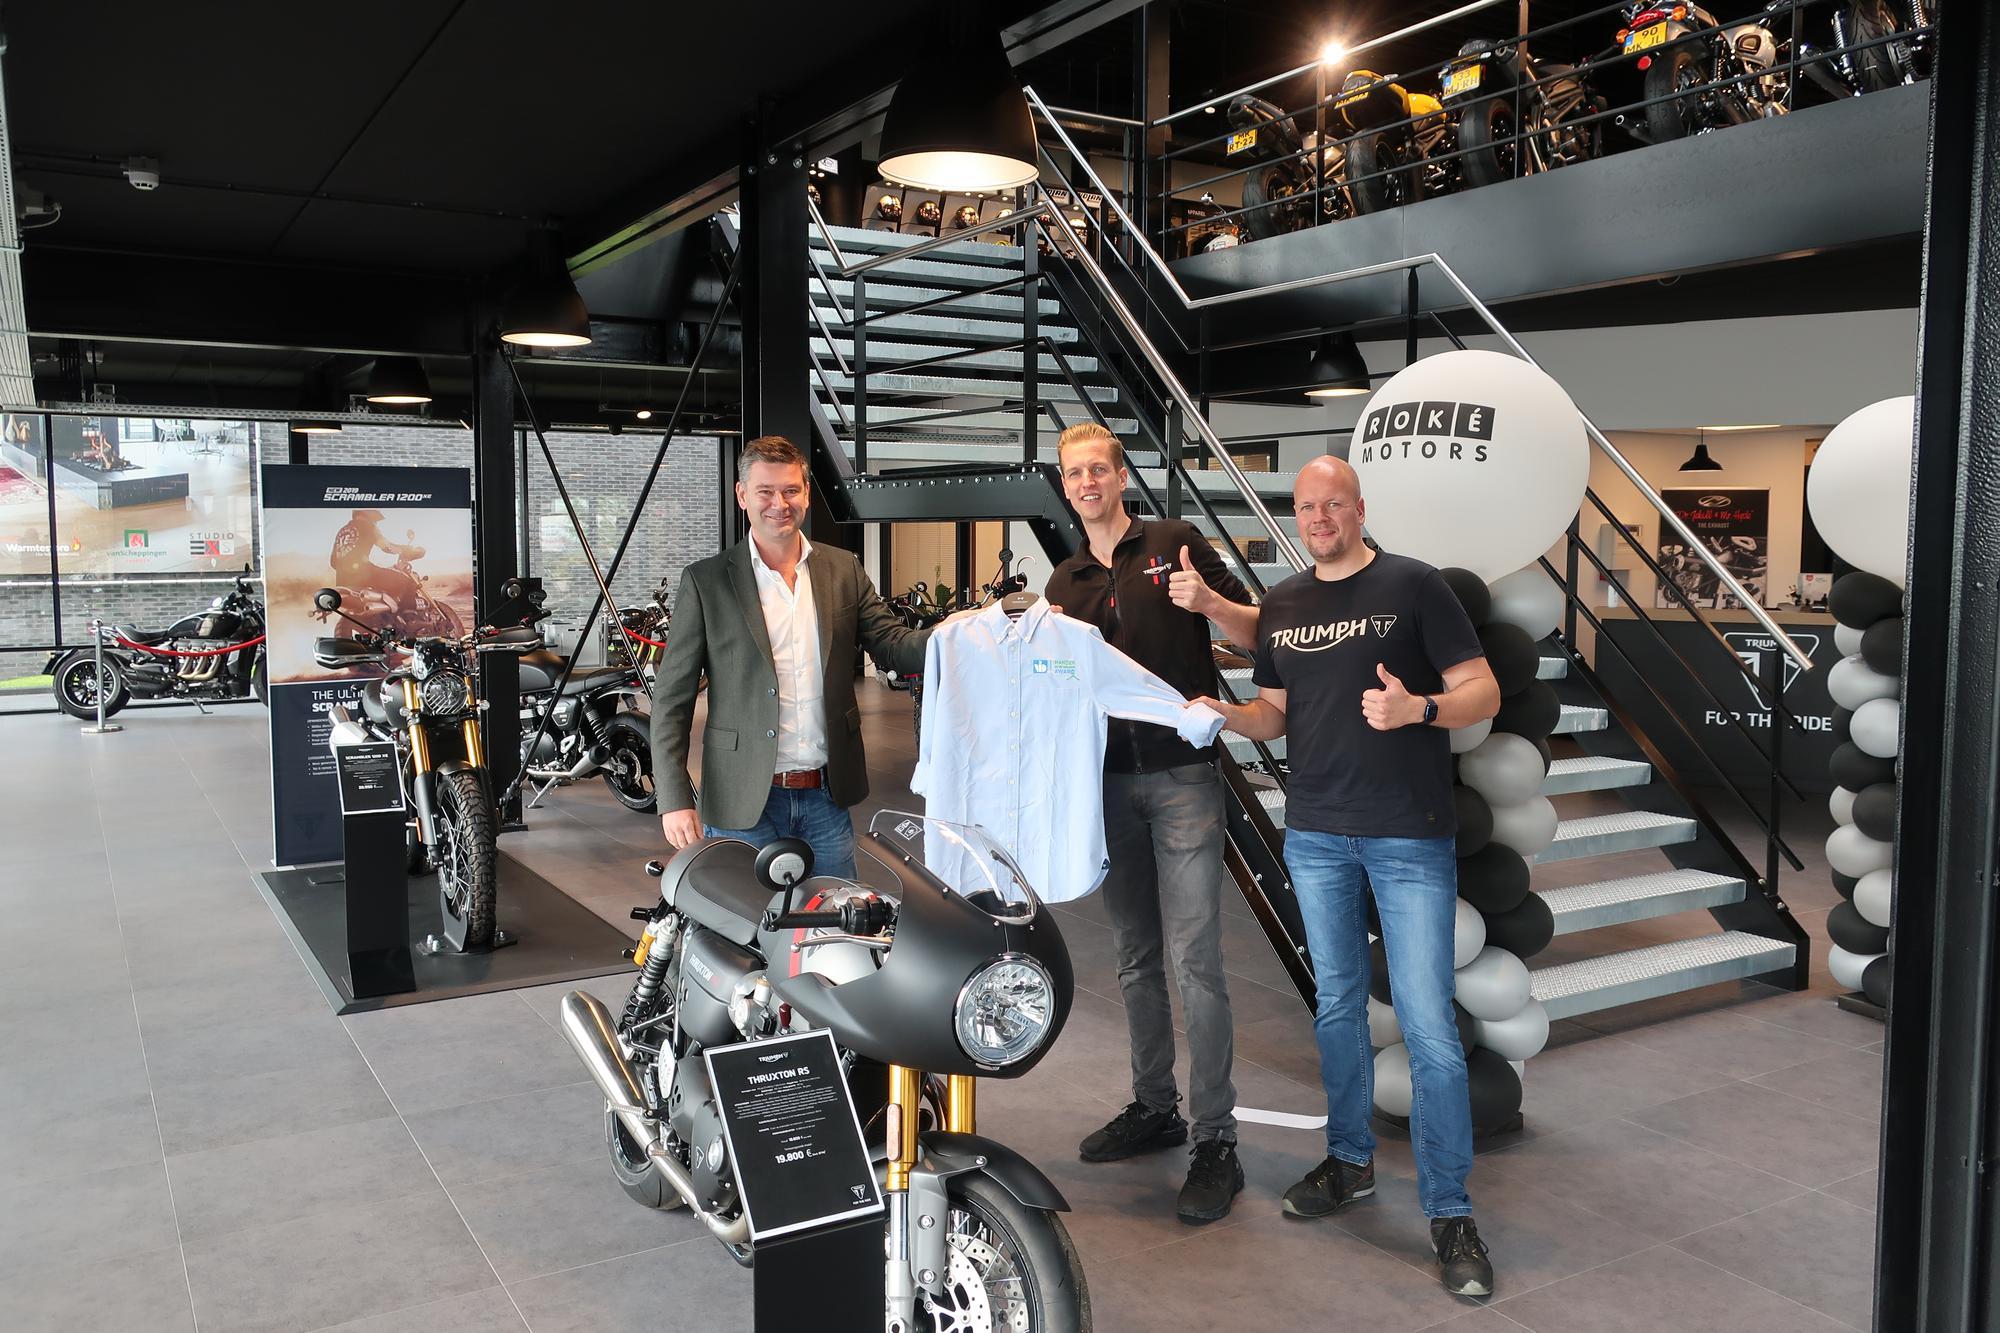 Handen uit de mouwen award voor Roké Motors